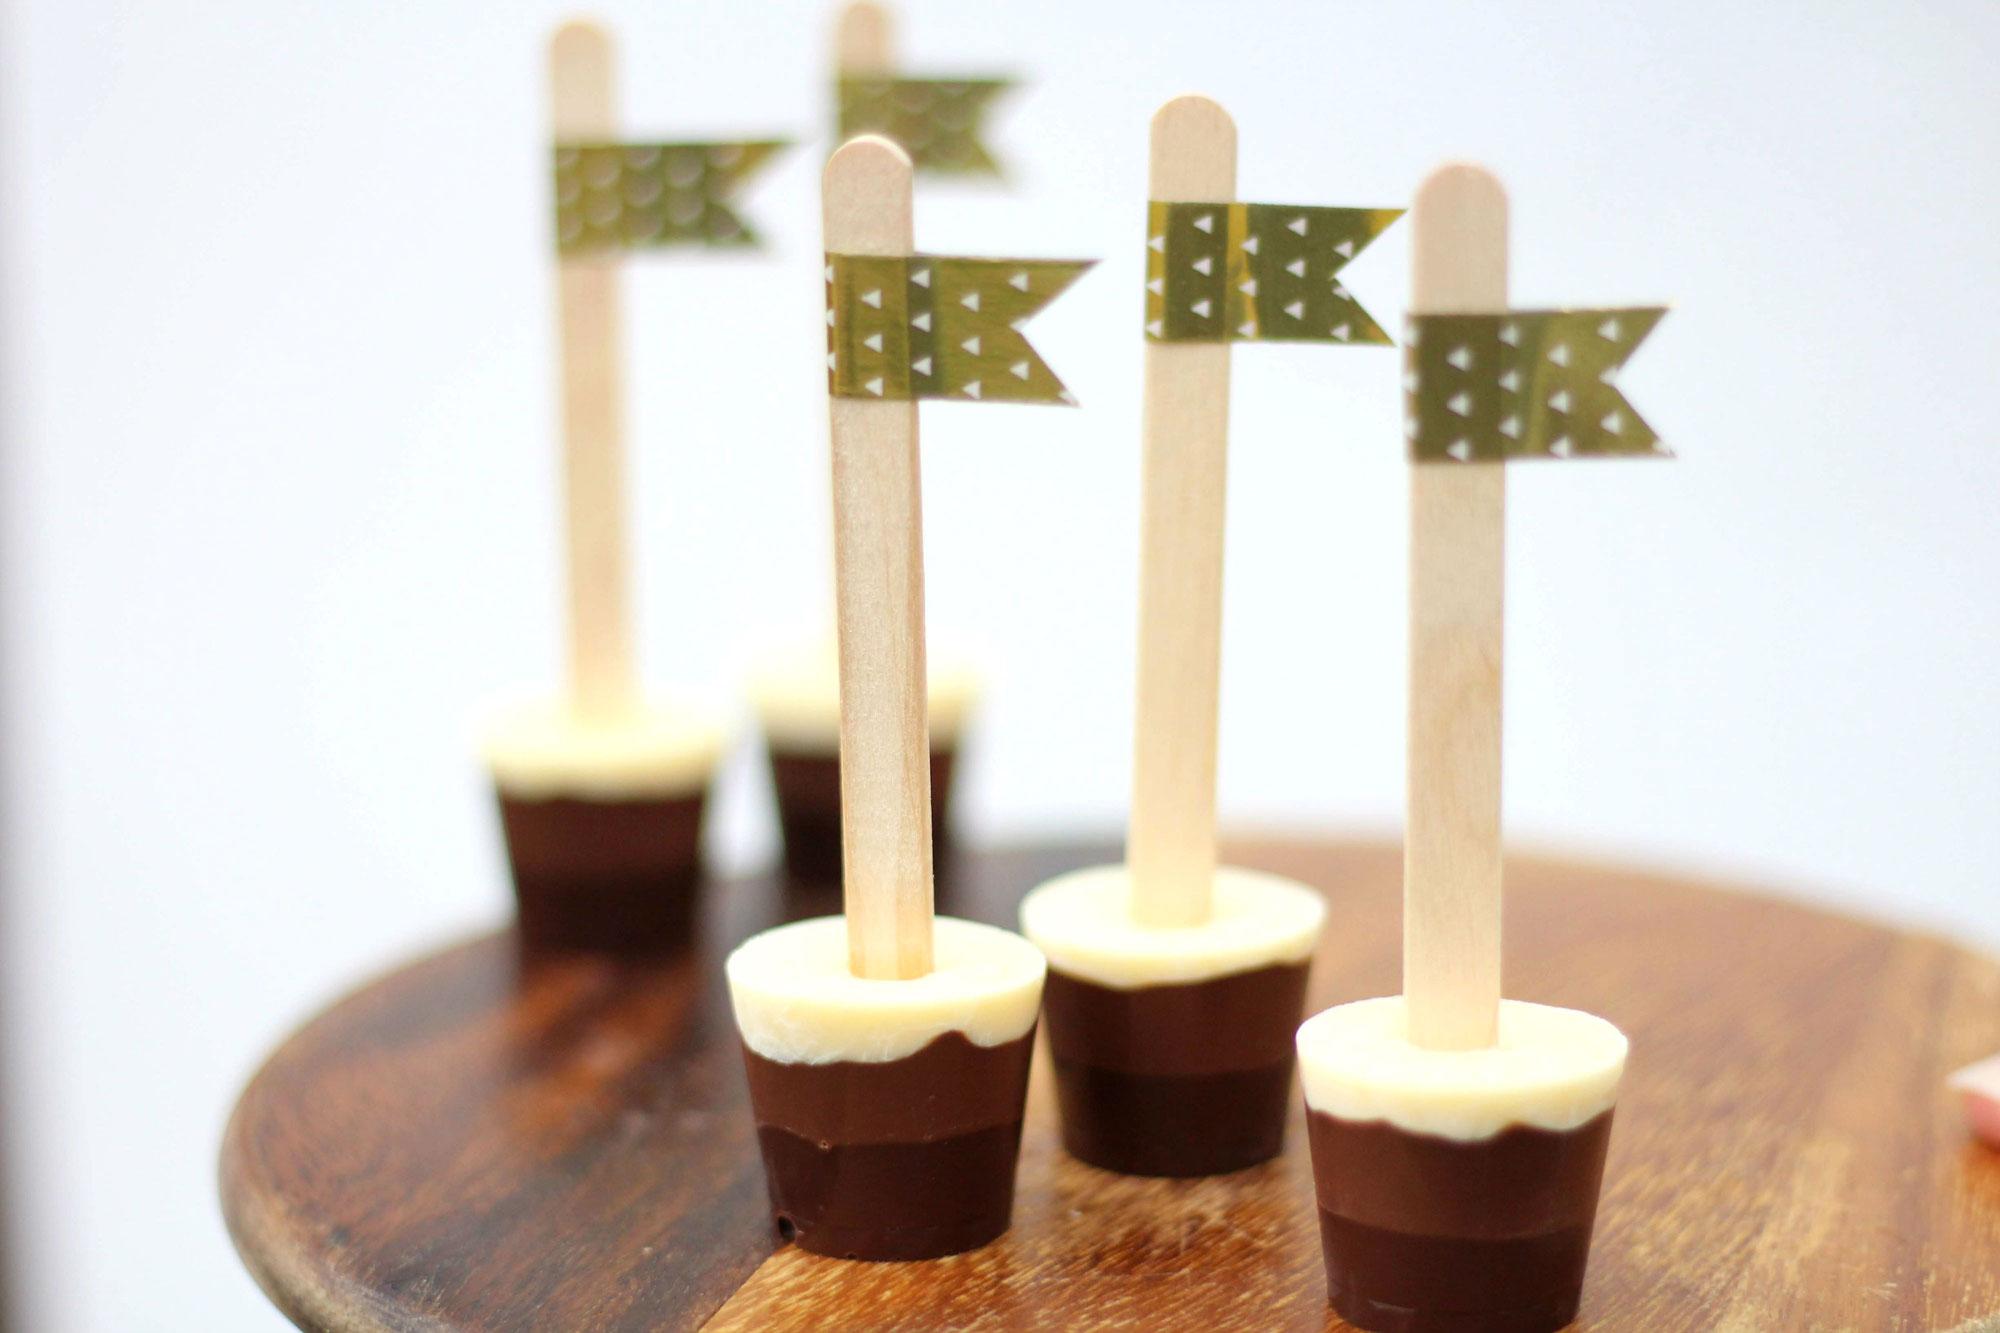 22. Türchen Schokolade am Stiel